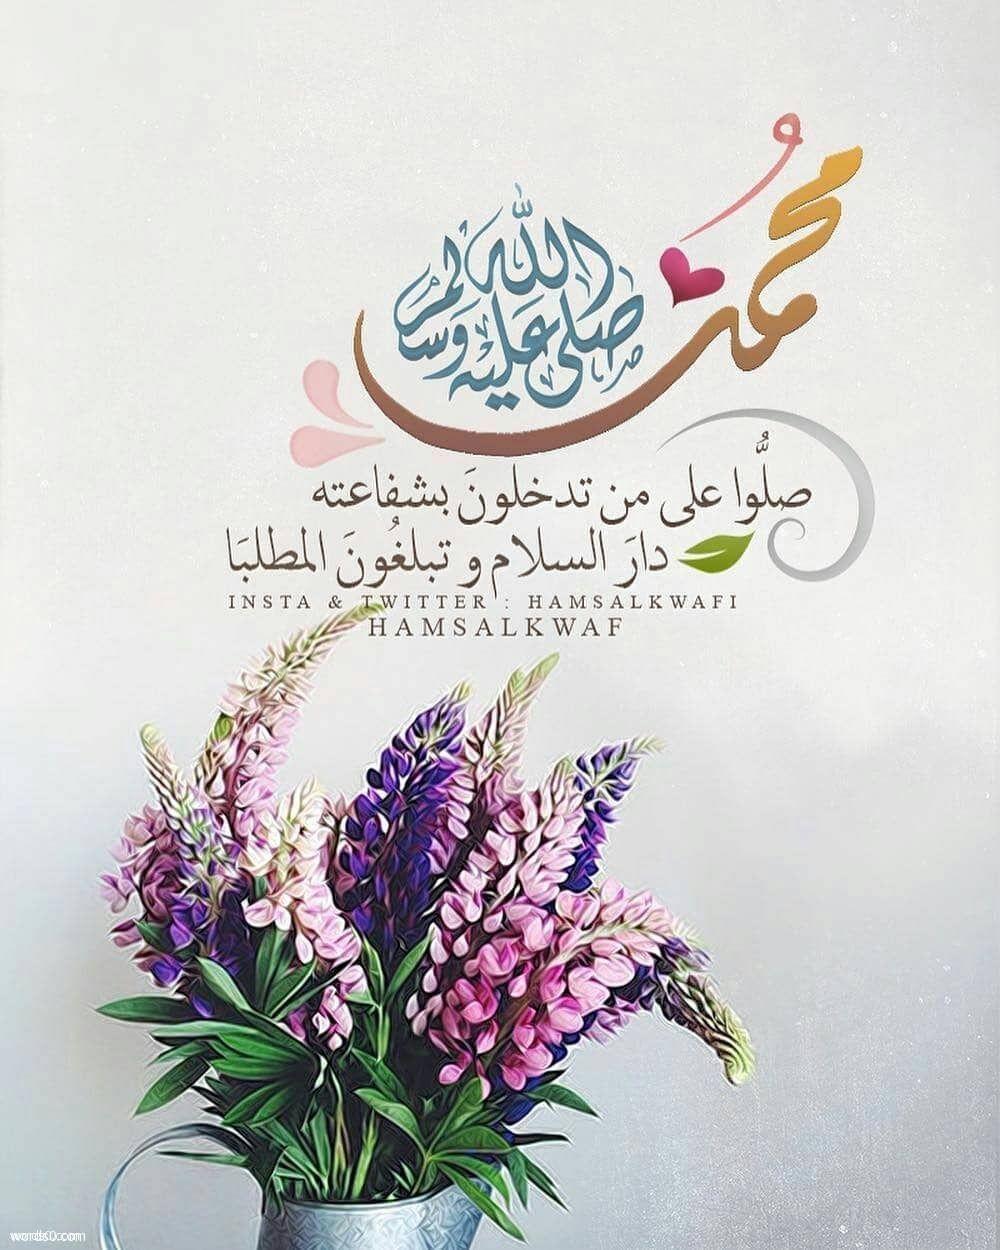 انستقرام رمزيات يوم الجمعة رمزيات عن يوم الجمعه موقع كلمات Craft Paper Design Lettering Fonts Islamic Pictures